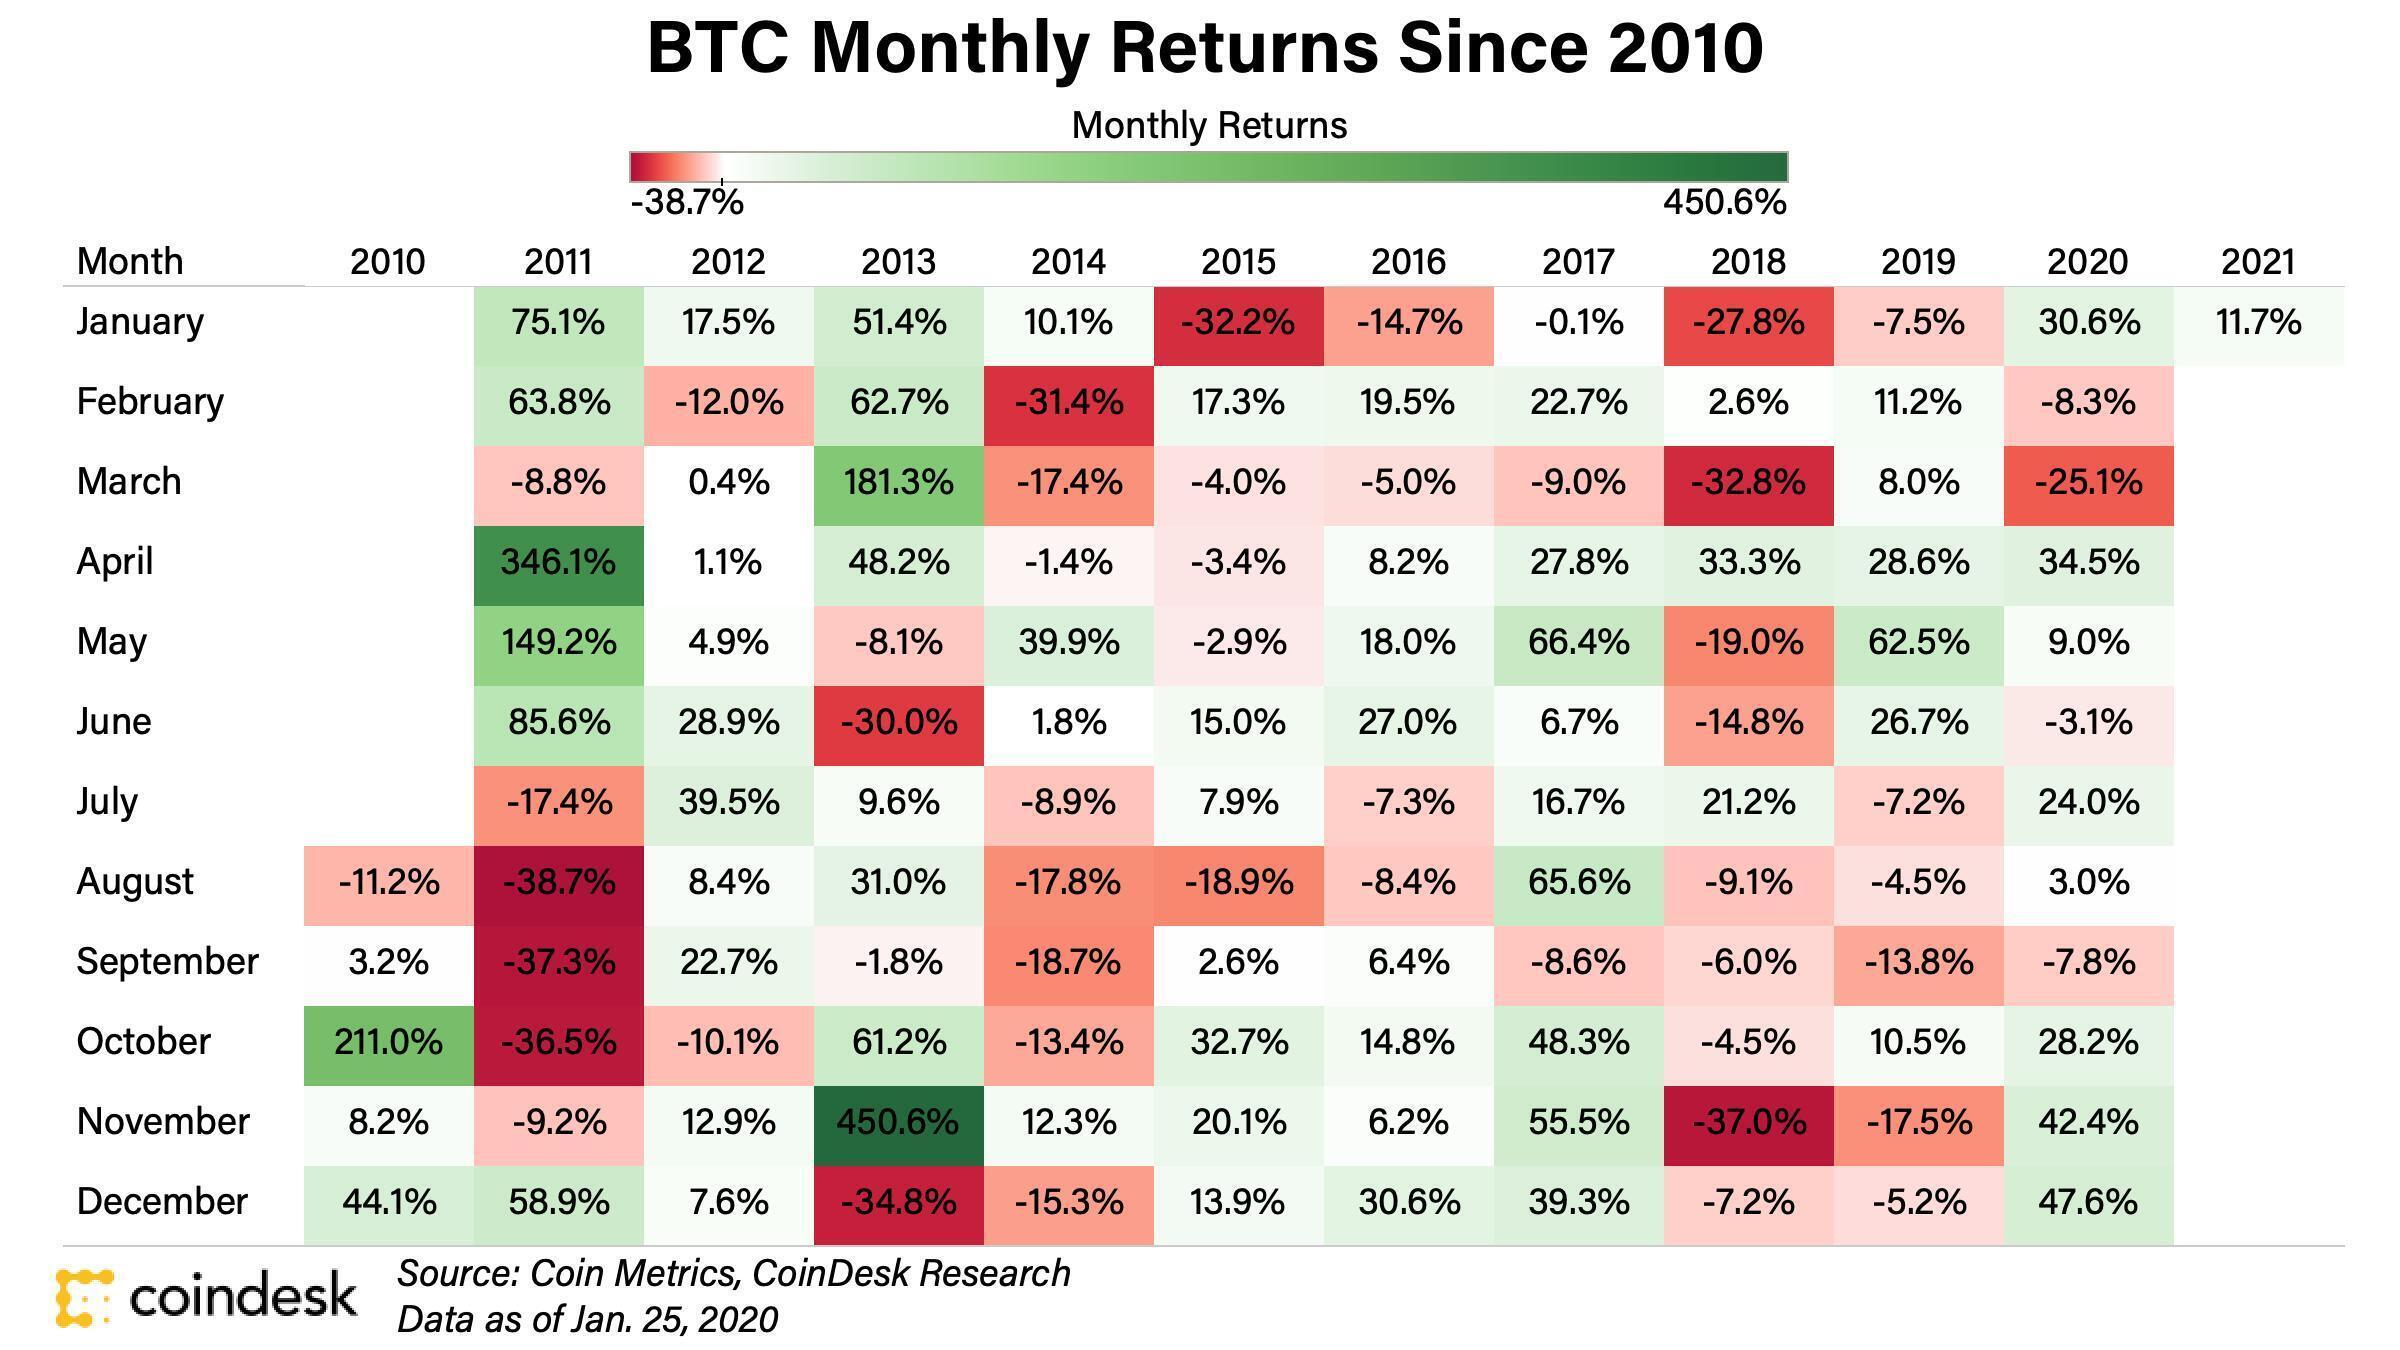 Histórico de rentabilidade mensal do Bitcoin. Fonte: Coin Metrics/CoinDesk Research